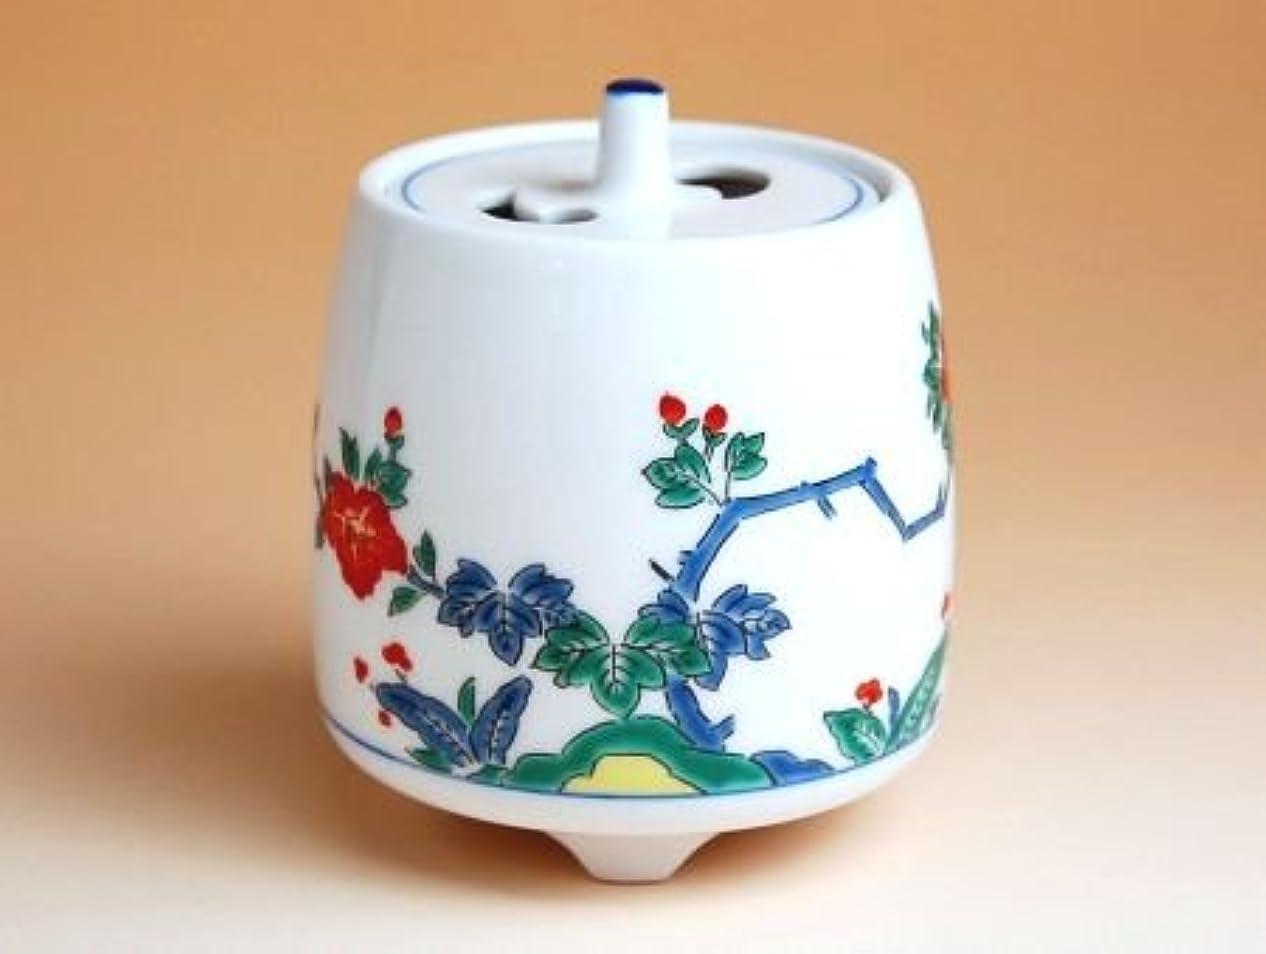 ラバフォーカス適用する有田焼 牡丹 ミニ香炉(木箱付)【サイズ】高さ8cm